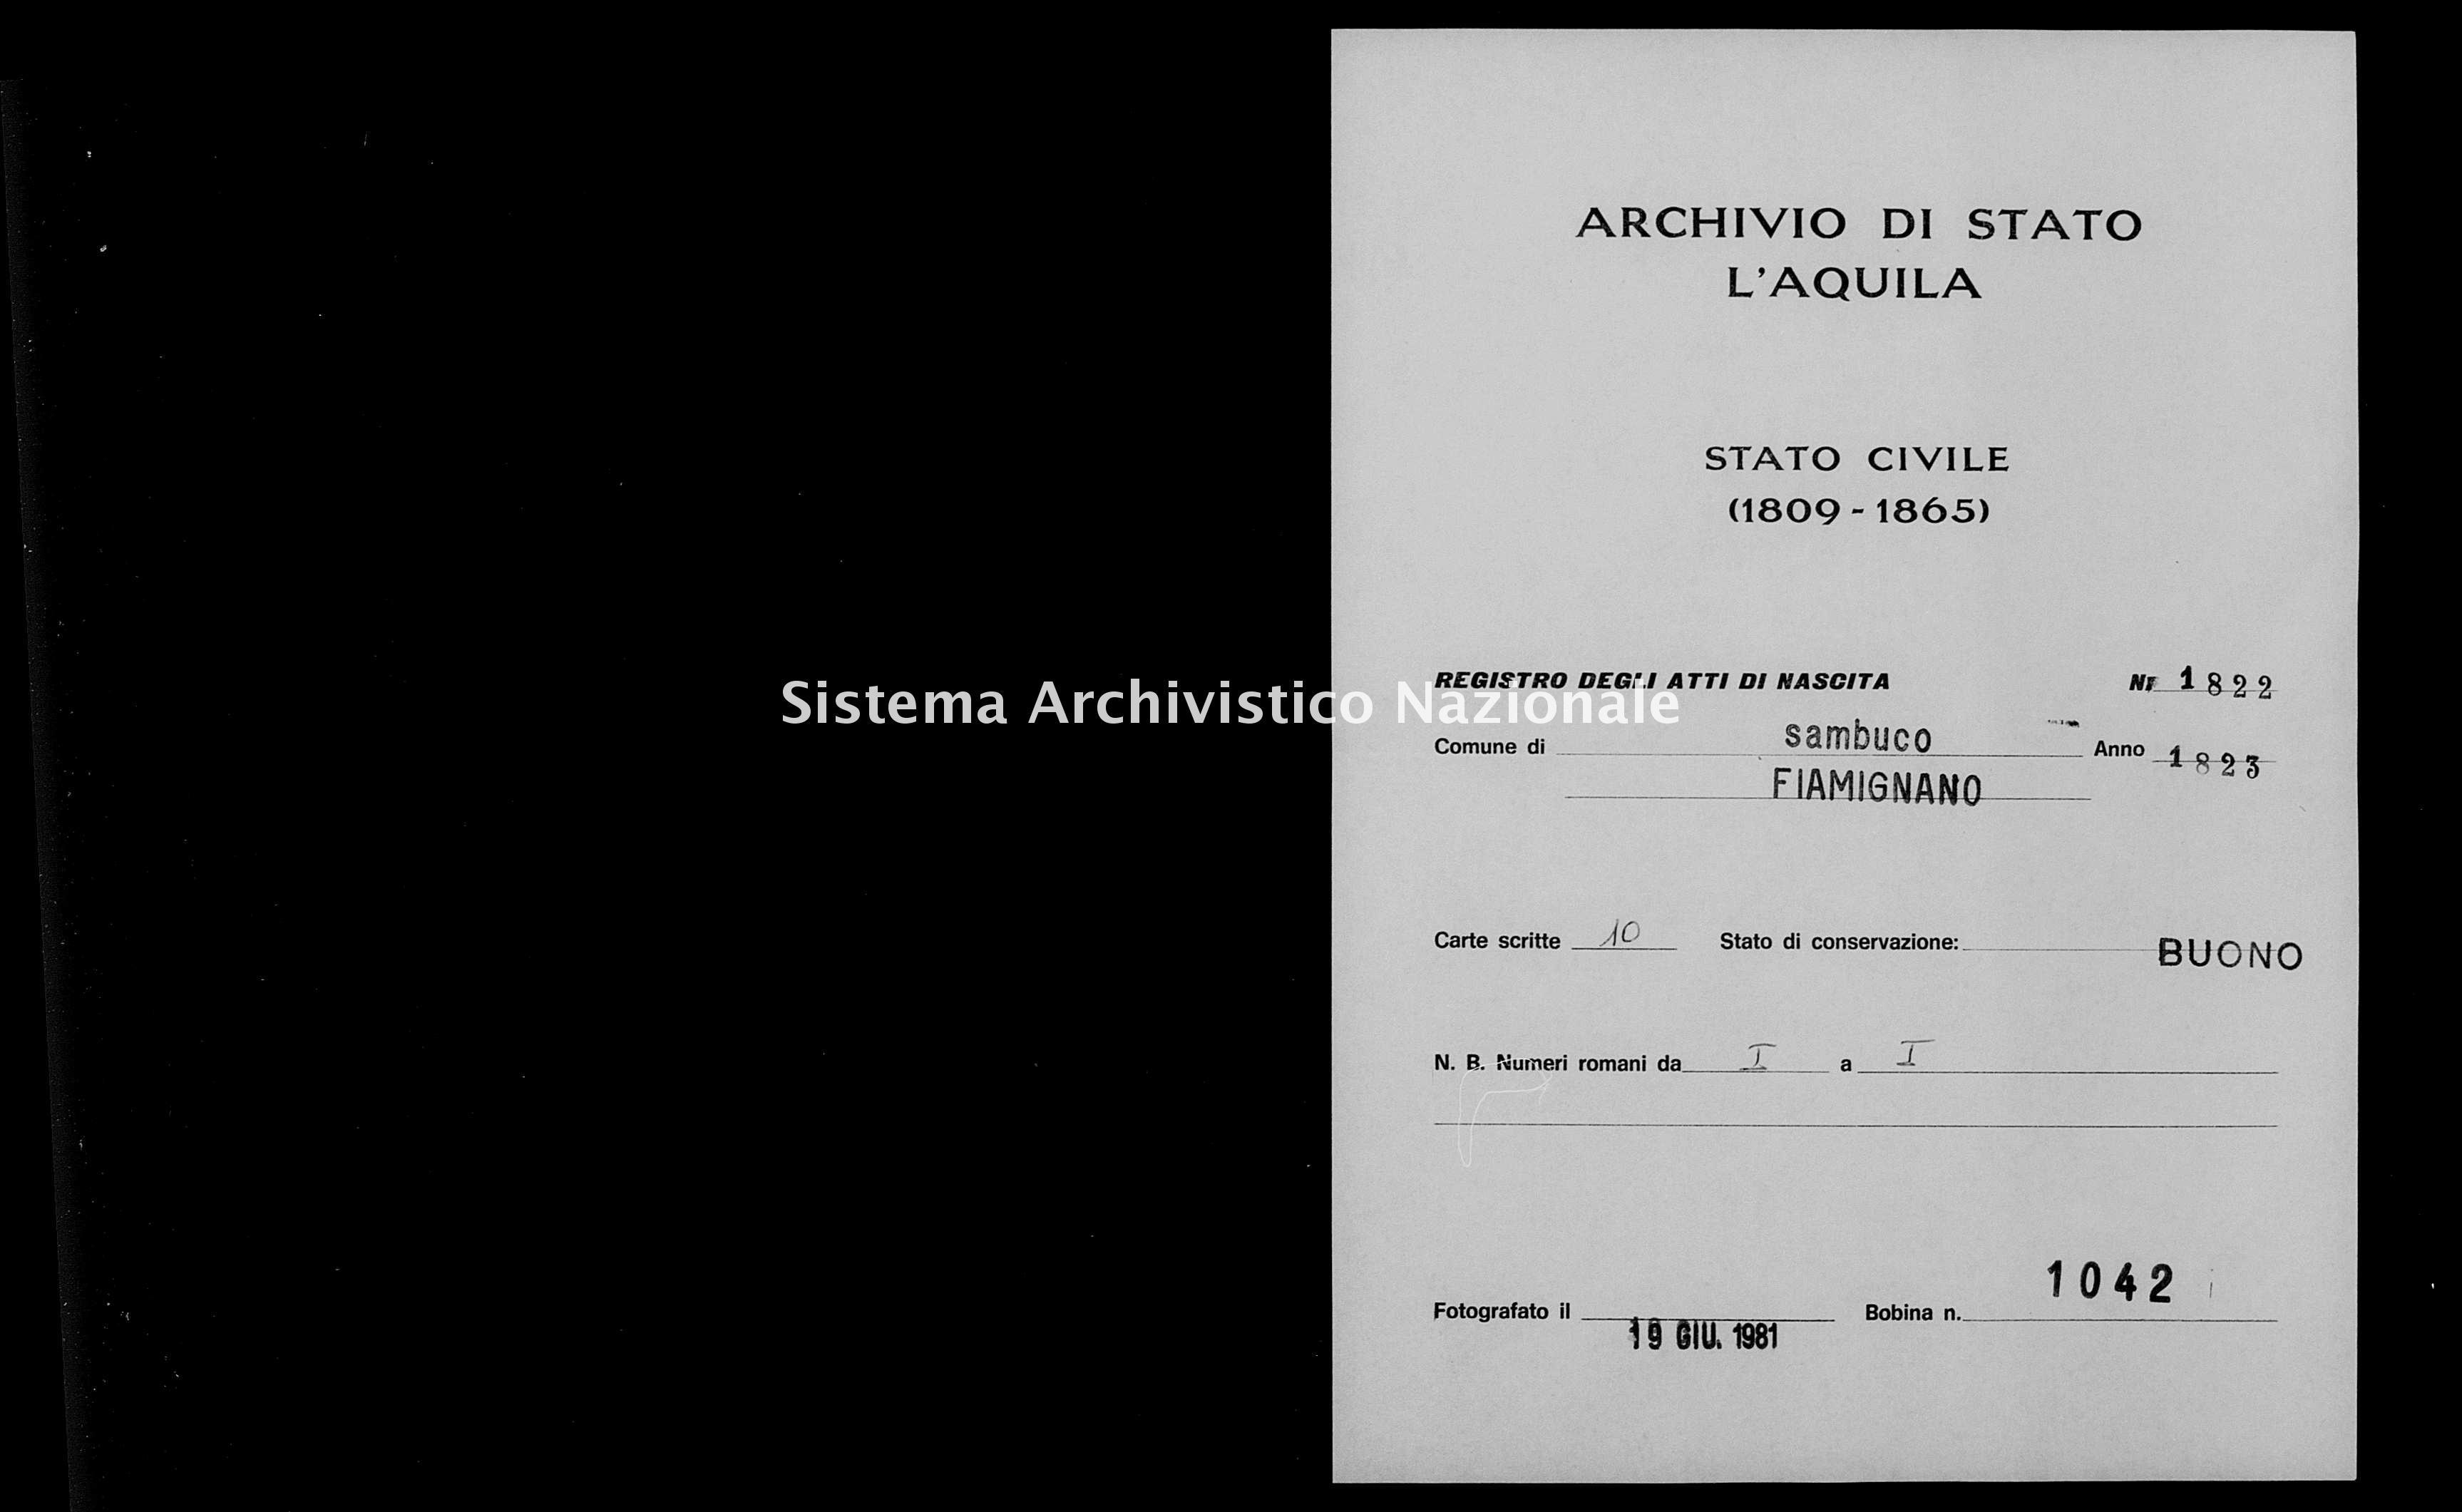 Archivio di stato di L'aquila - Stato civile della restaurazione - Sambuco - Nati - 1823 - 1822 -